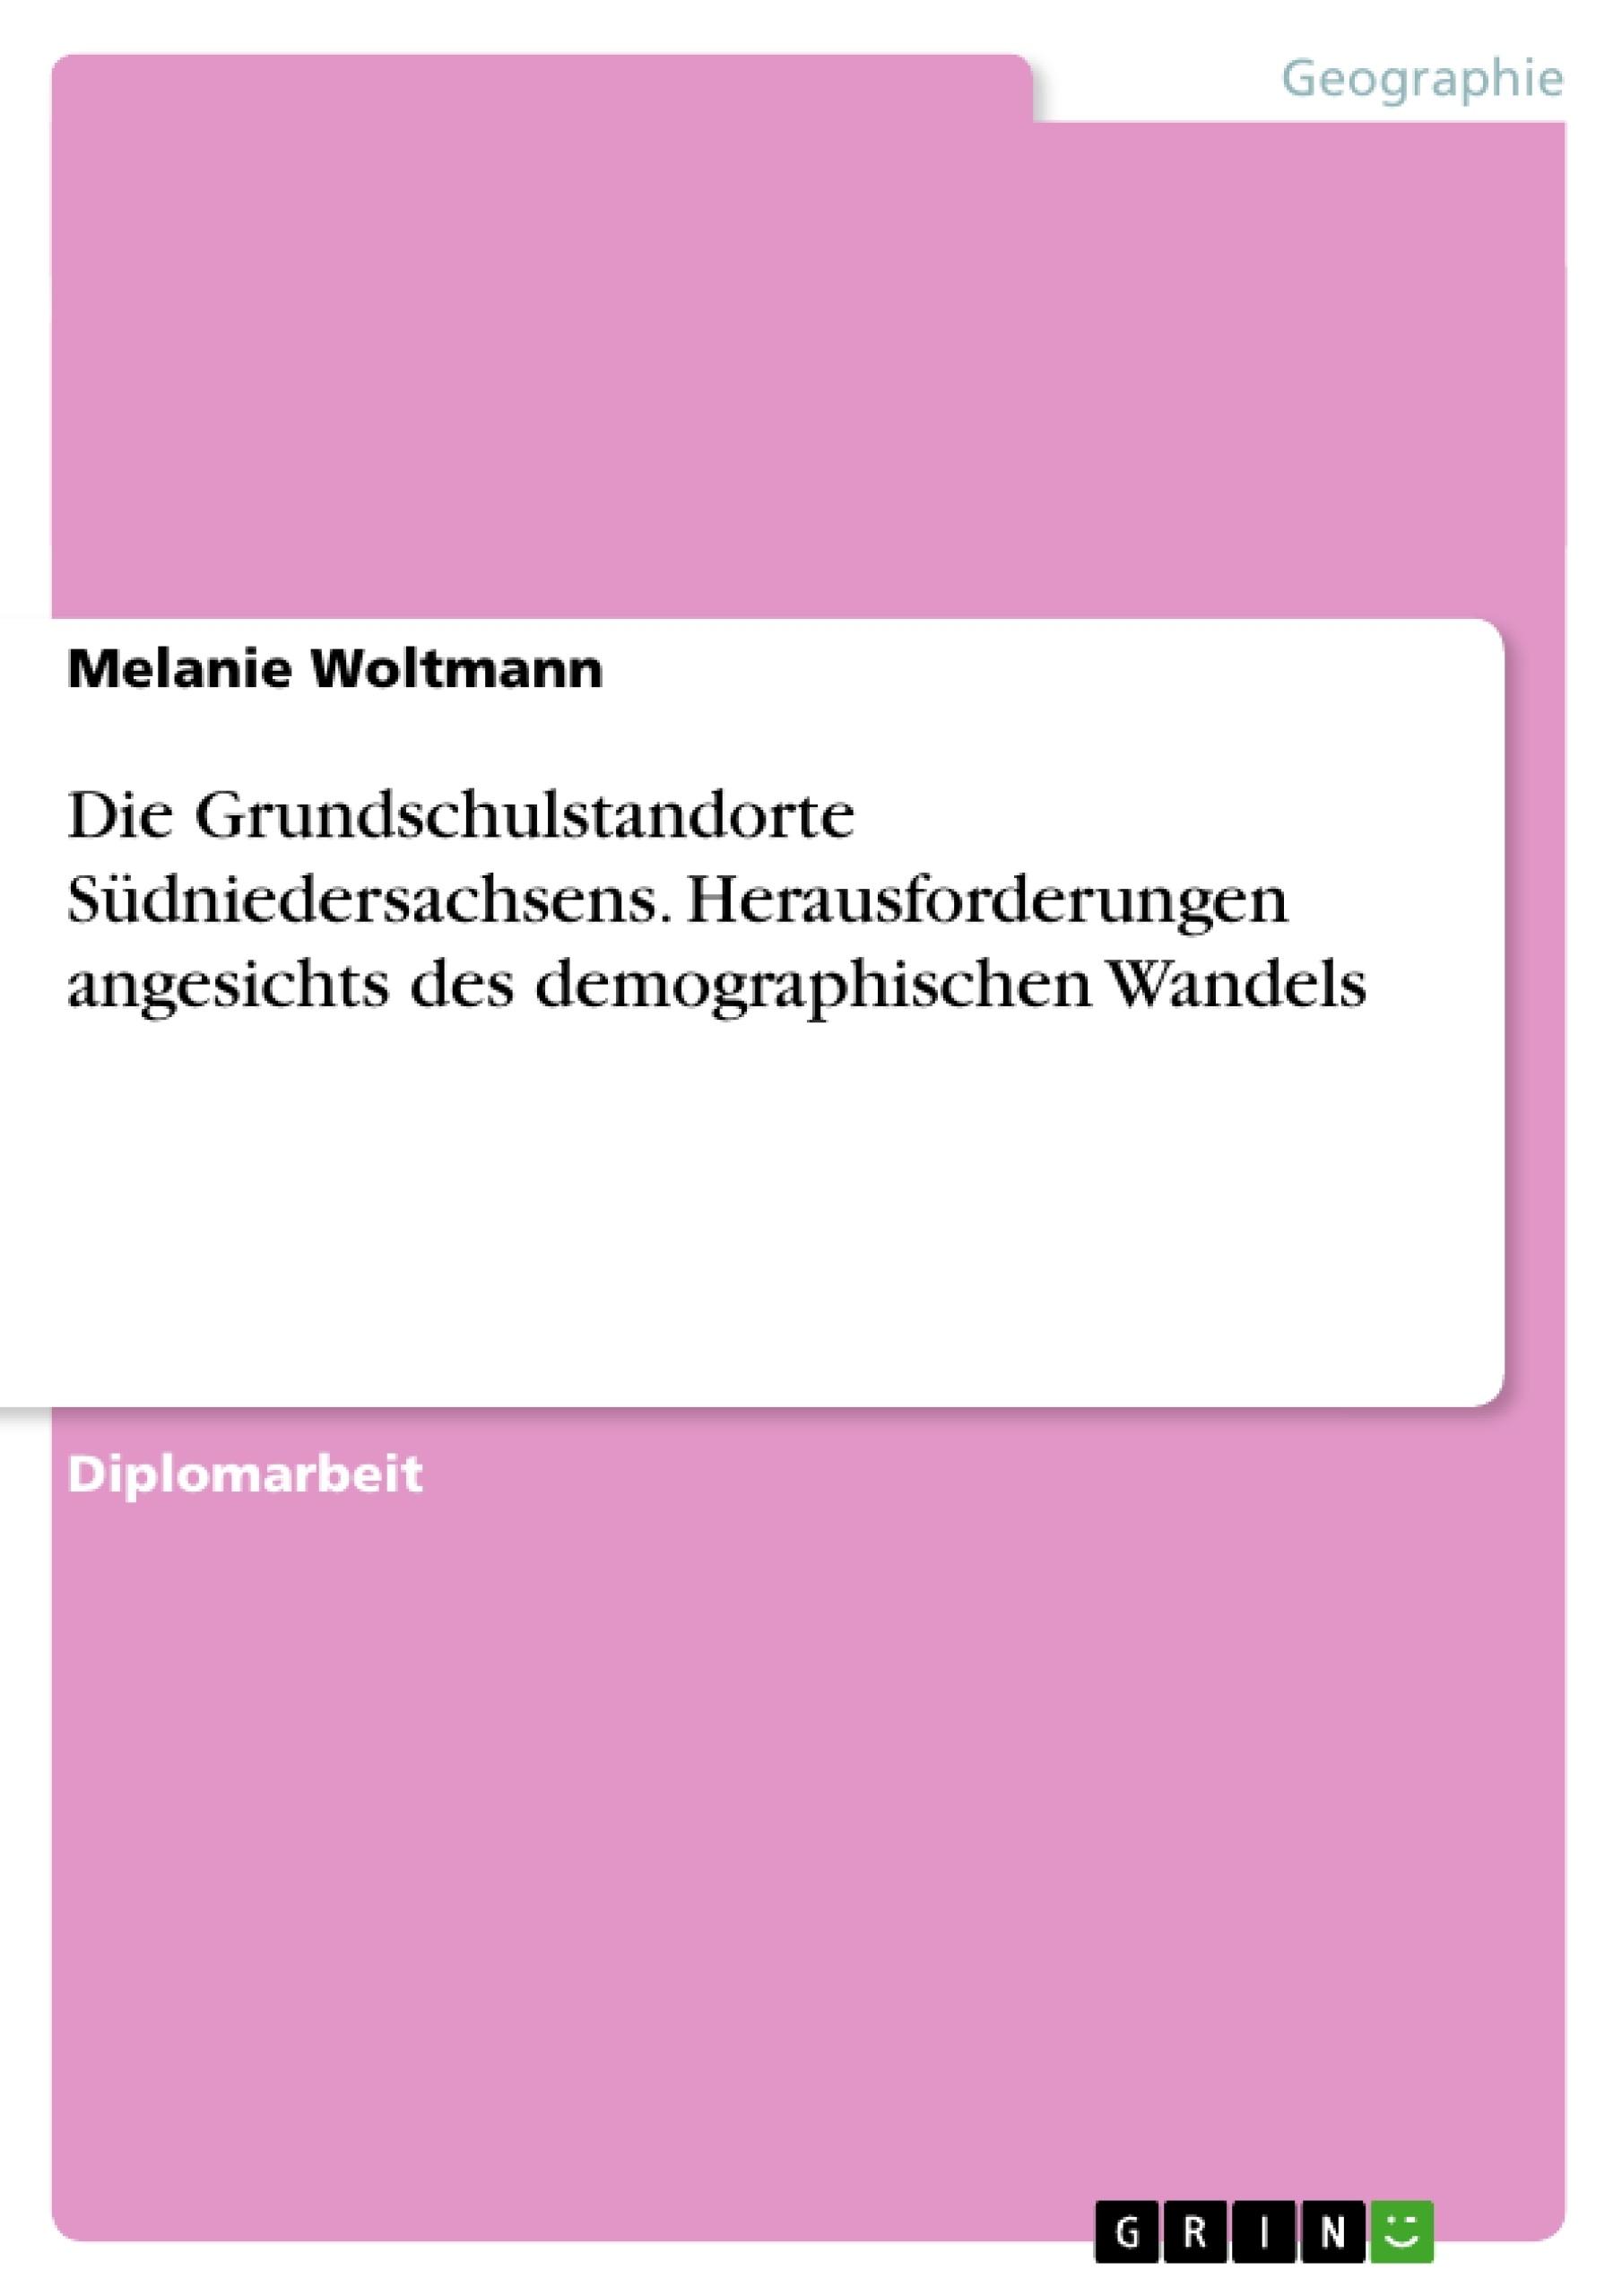 Titel: Die Grundschulstandorte Südniedersachsens. Herausforderungen angesichts des demographischen Wandels